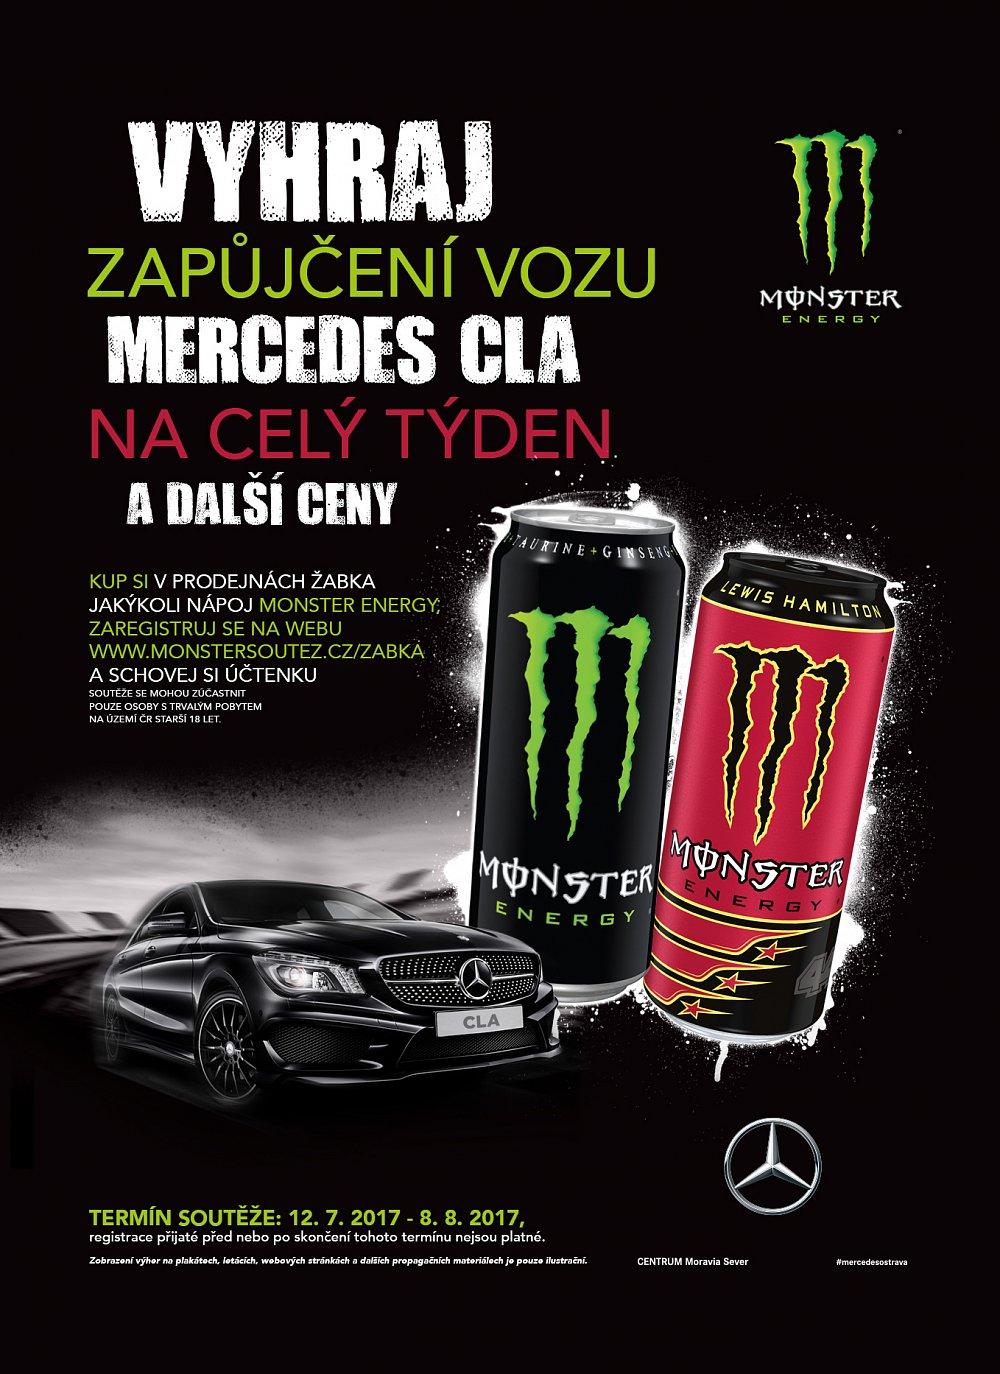 Vyhraj zapůjčení vozu Mercedes CLA na celý týden a další ceny